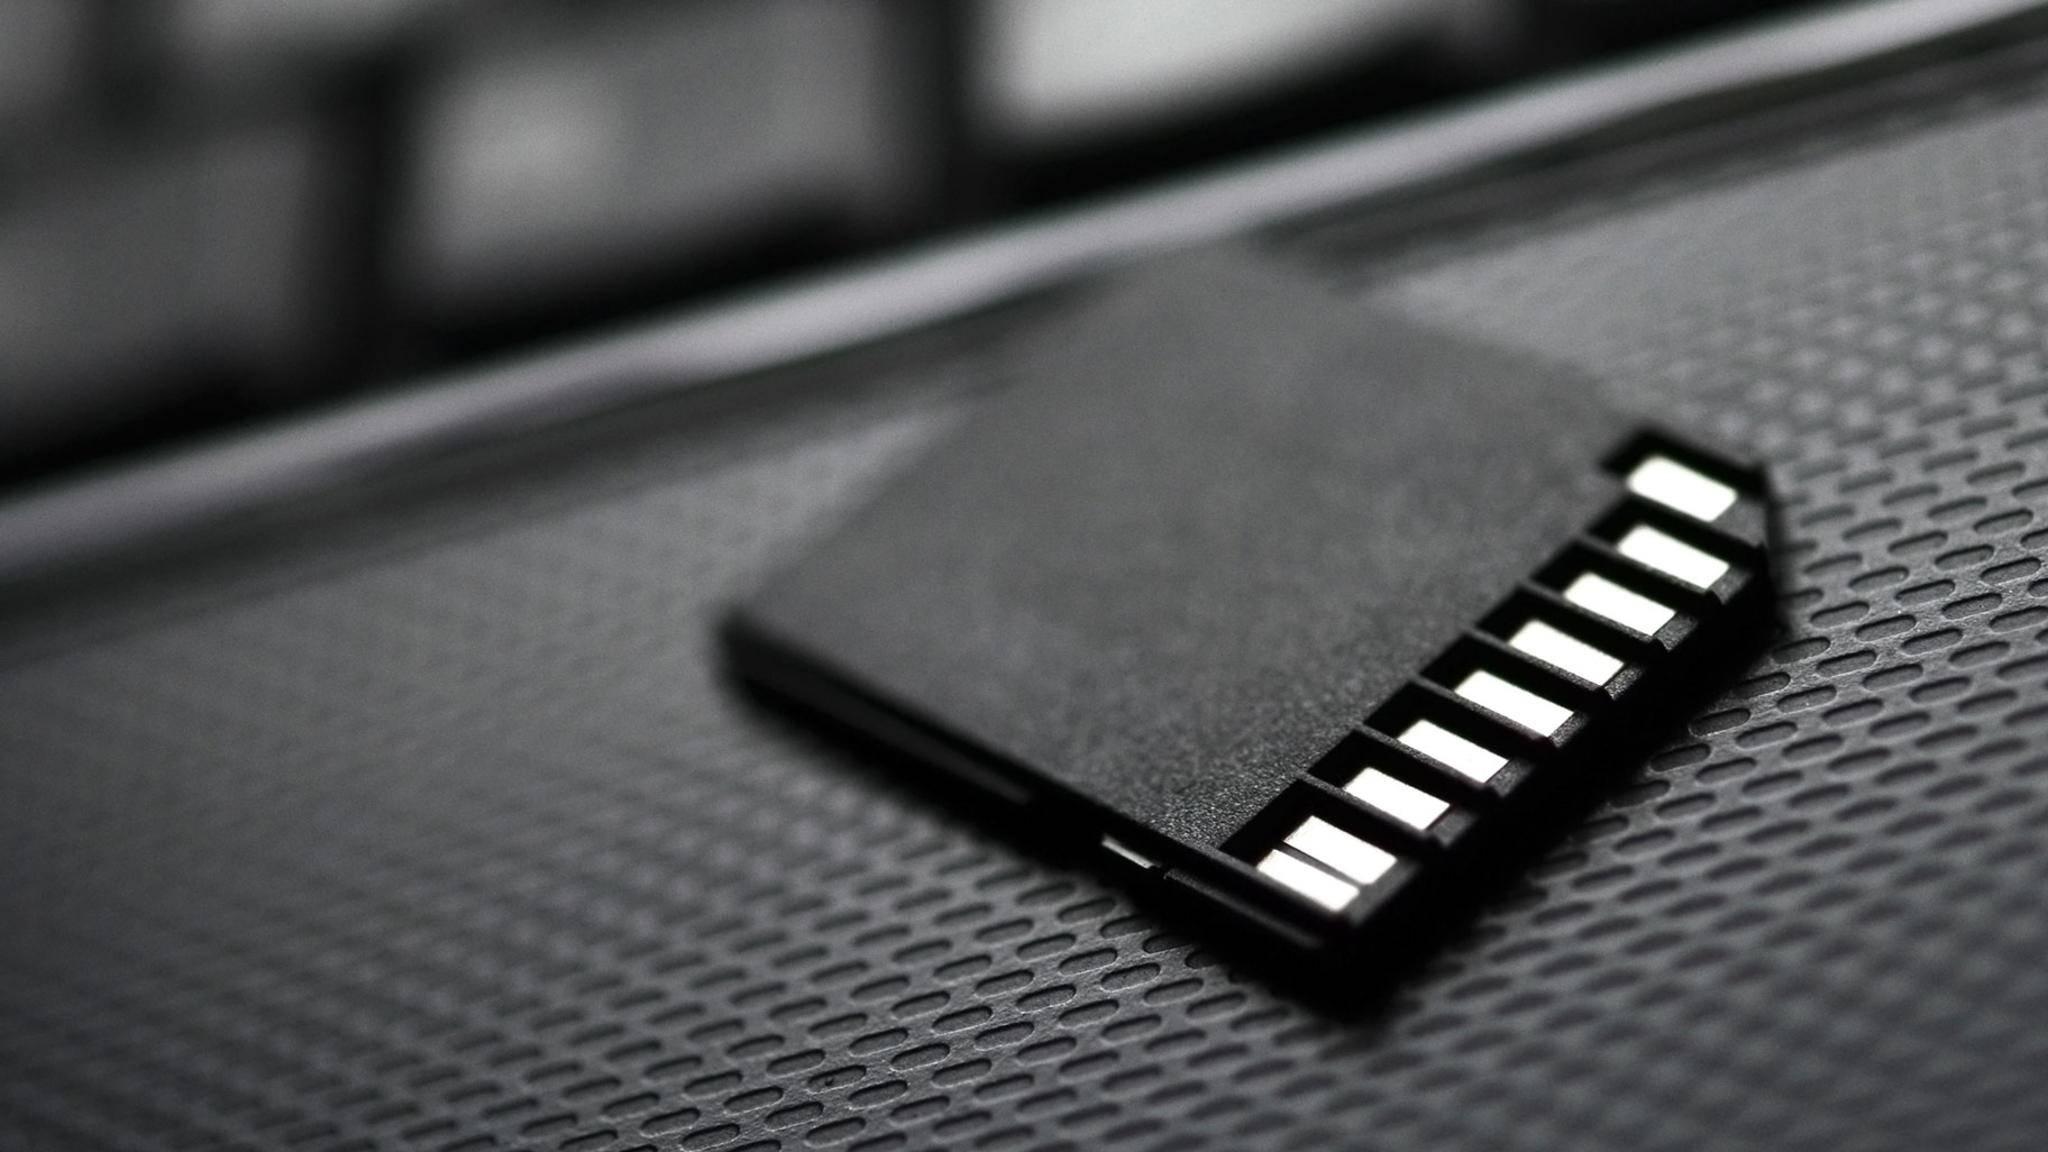 Sd Karte Schreibschutz Aufheben Ohne Schalter.Bei Sd Karte Schreibschutz Aufheben So Geht S